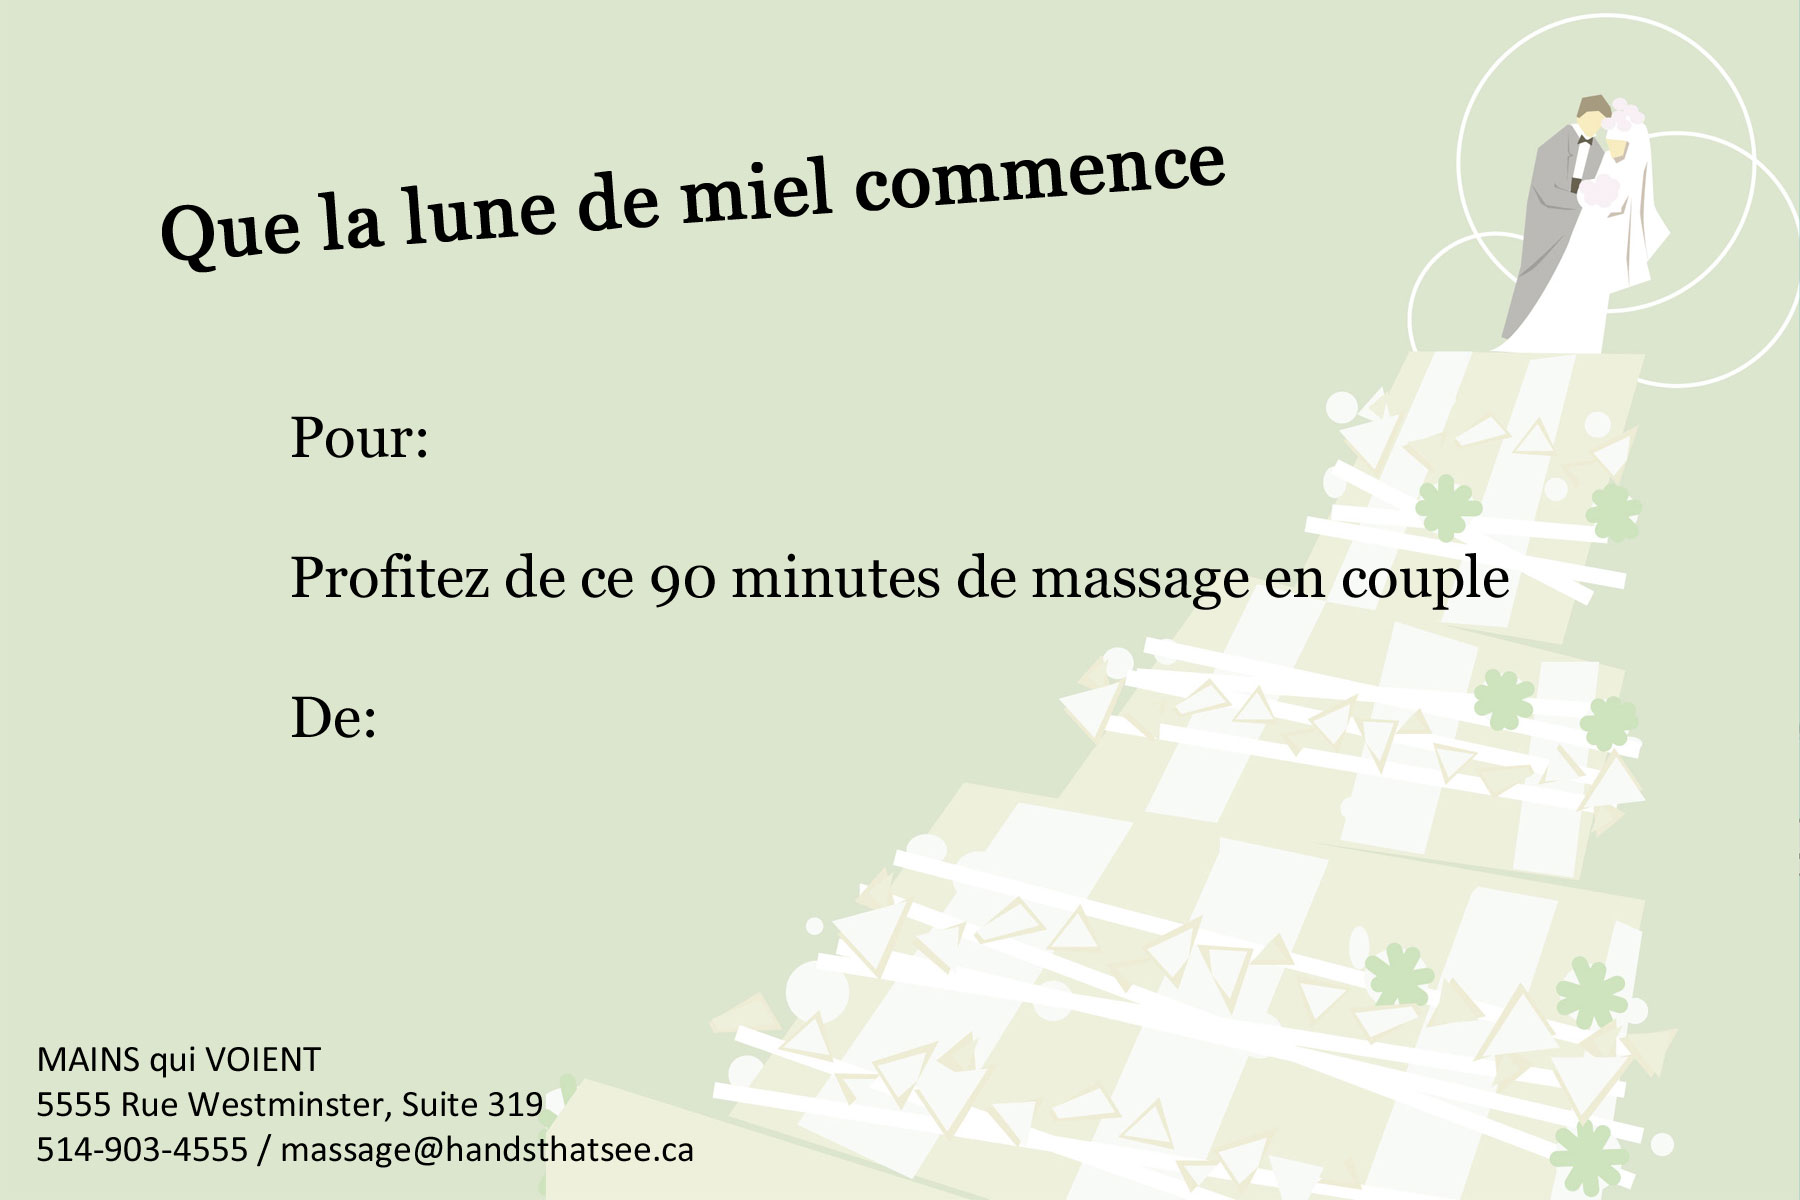 Un massage en couple. Vous pouvez choisir d'être dans la même suite ou dans des suites séparées pour ce traitement.